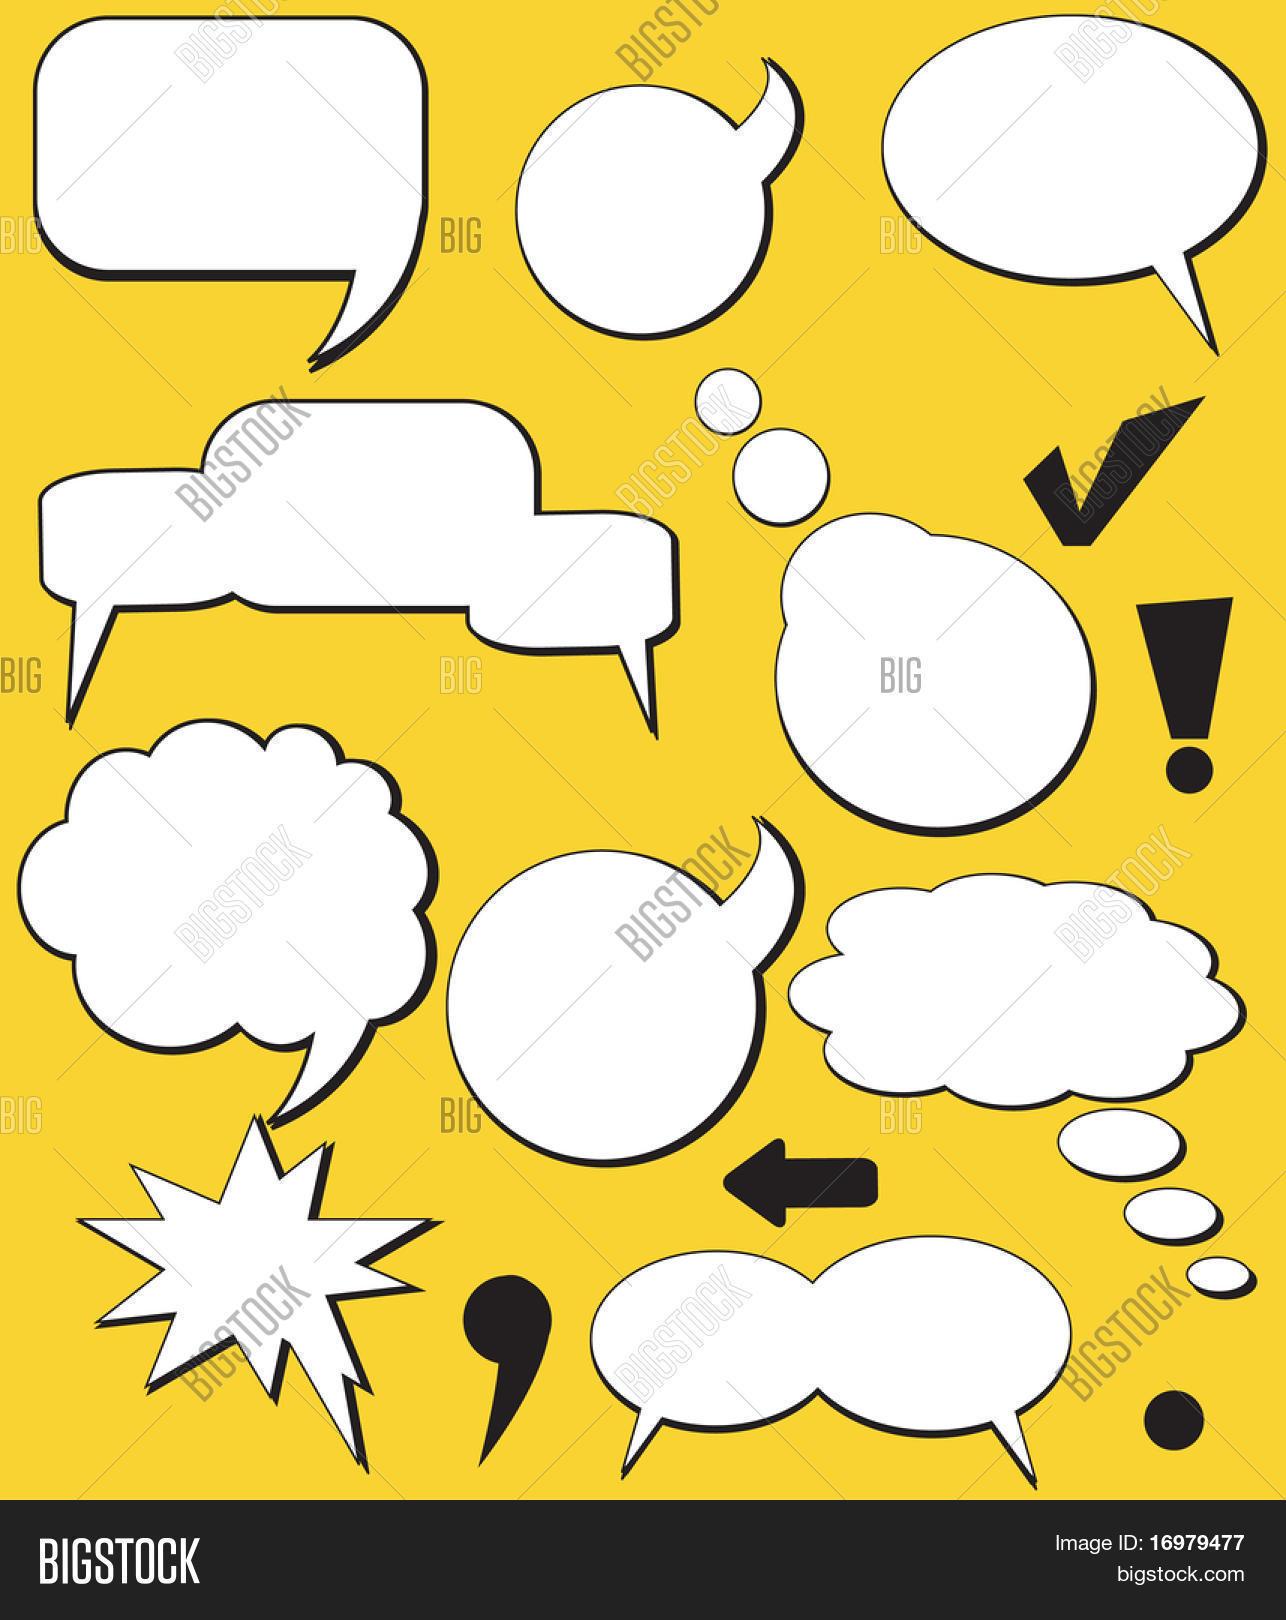 Как сделать диалог на картинке